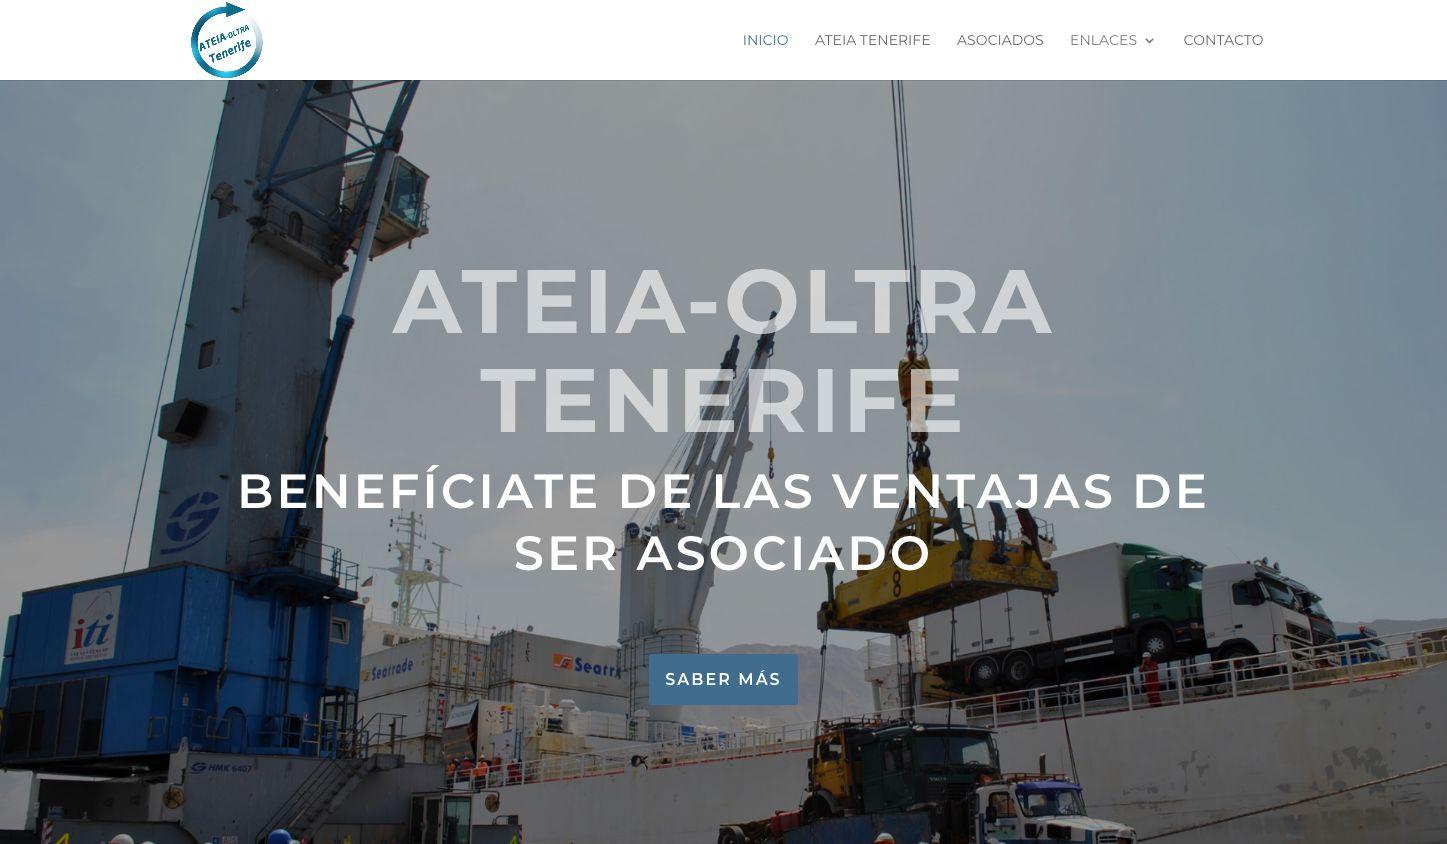 Ateia Tenerife